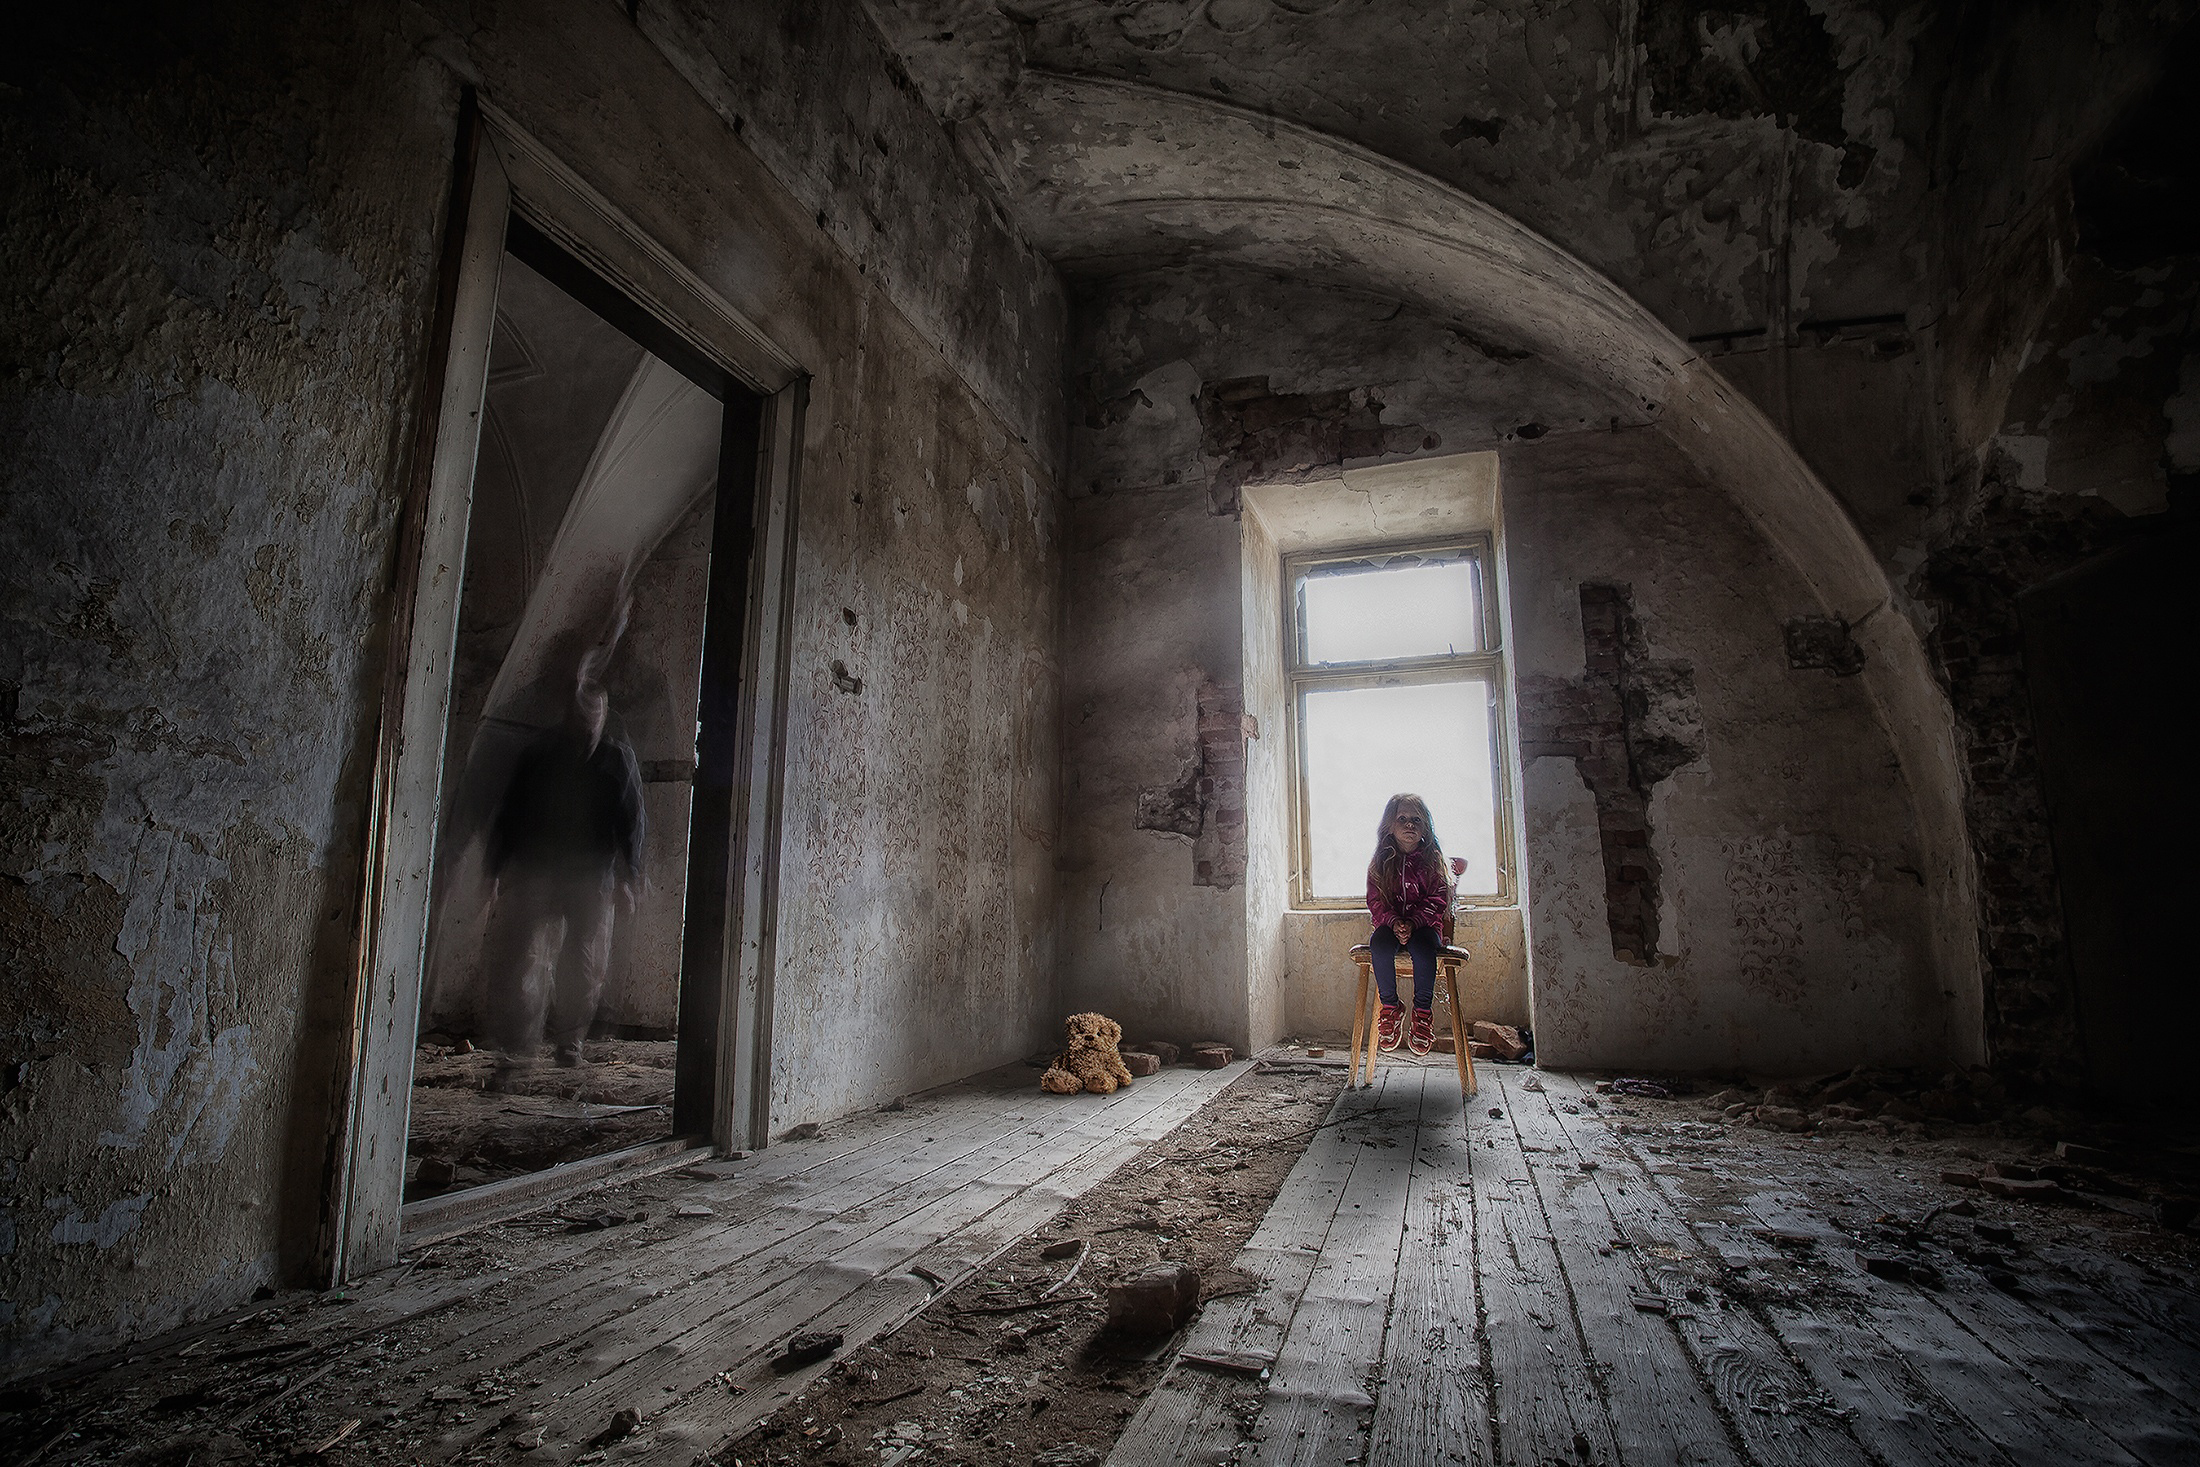 оранжево-золотистая фотосессия в заброшенной комнате история